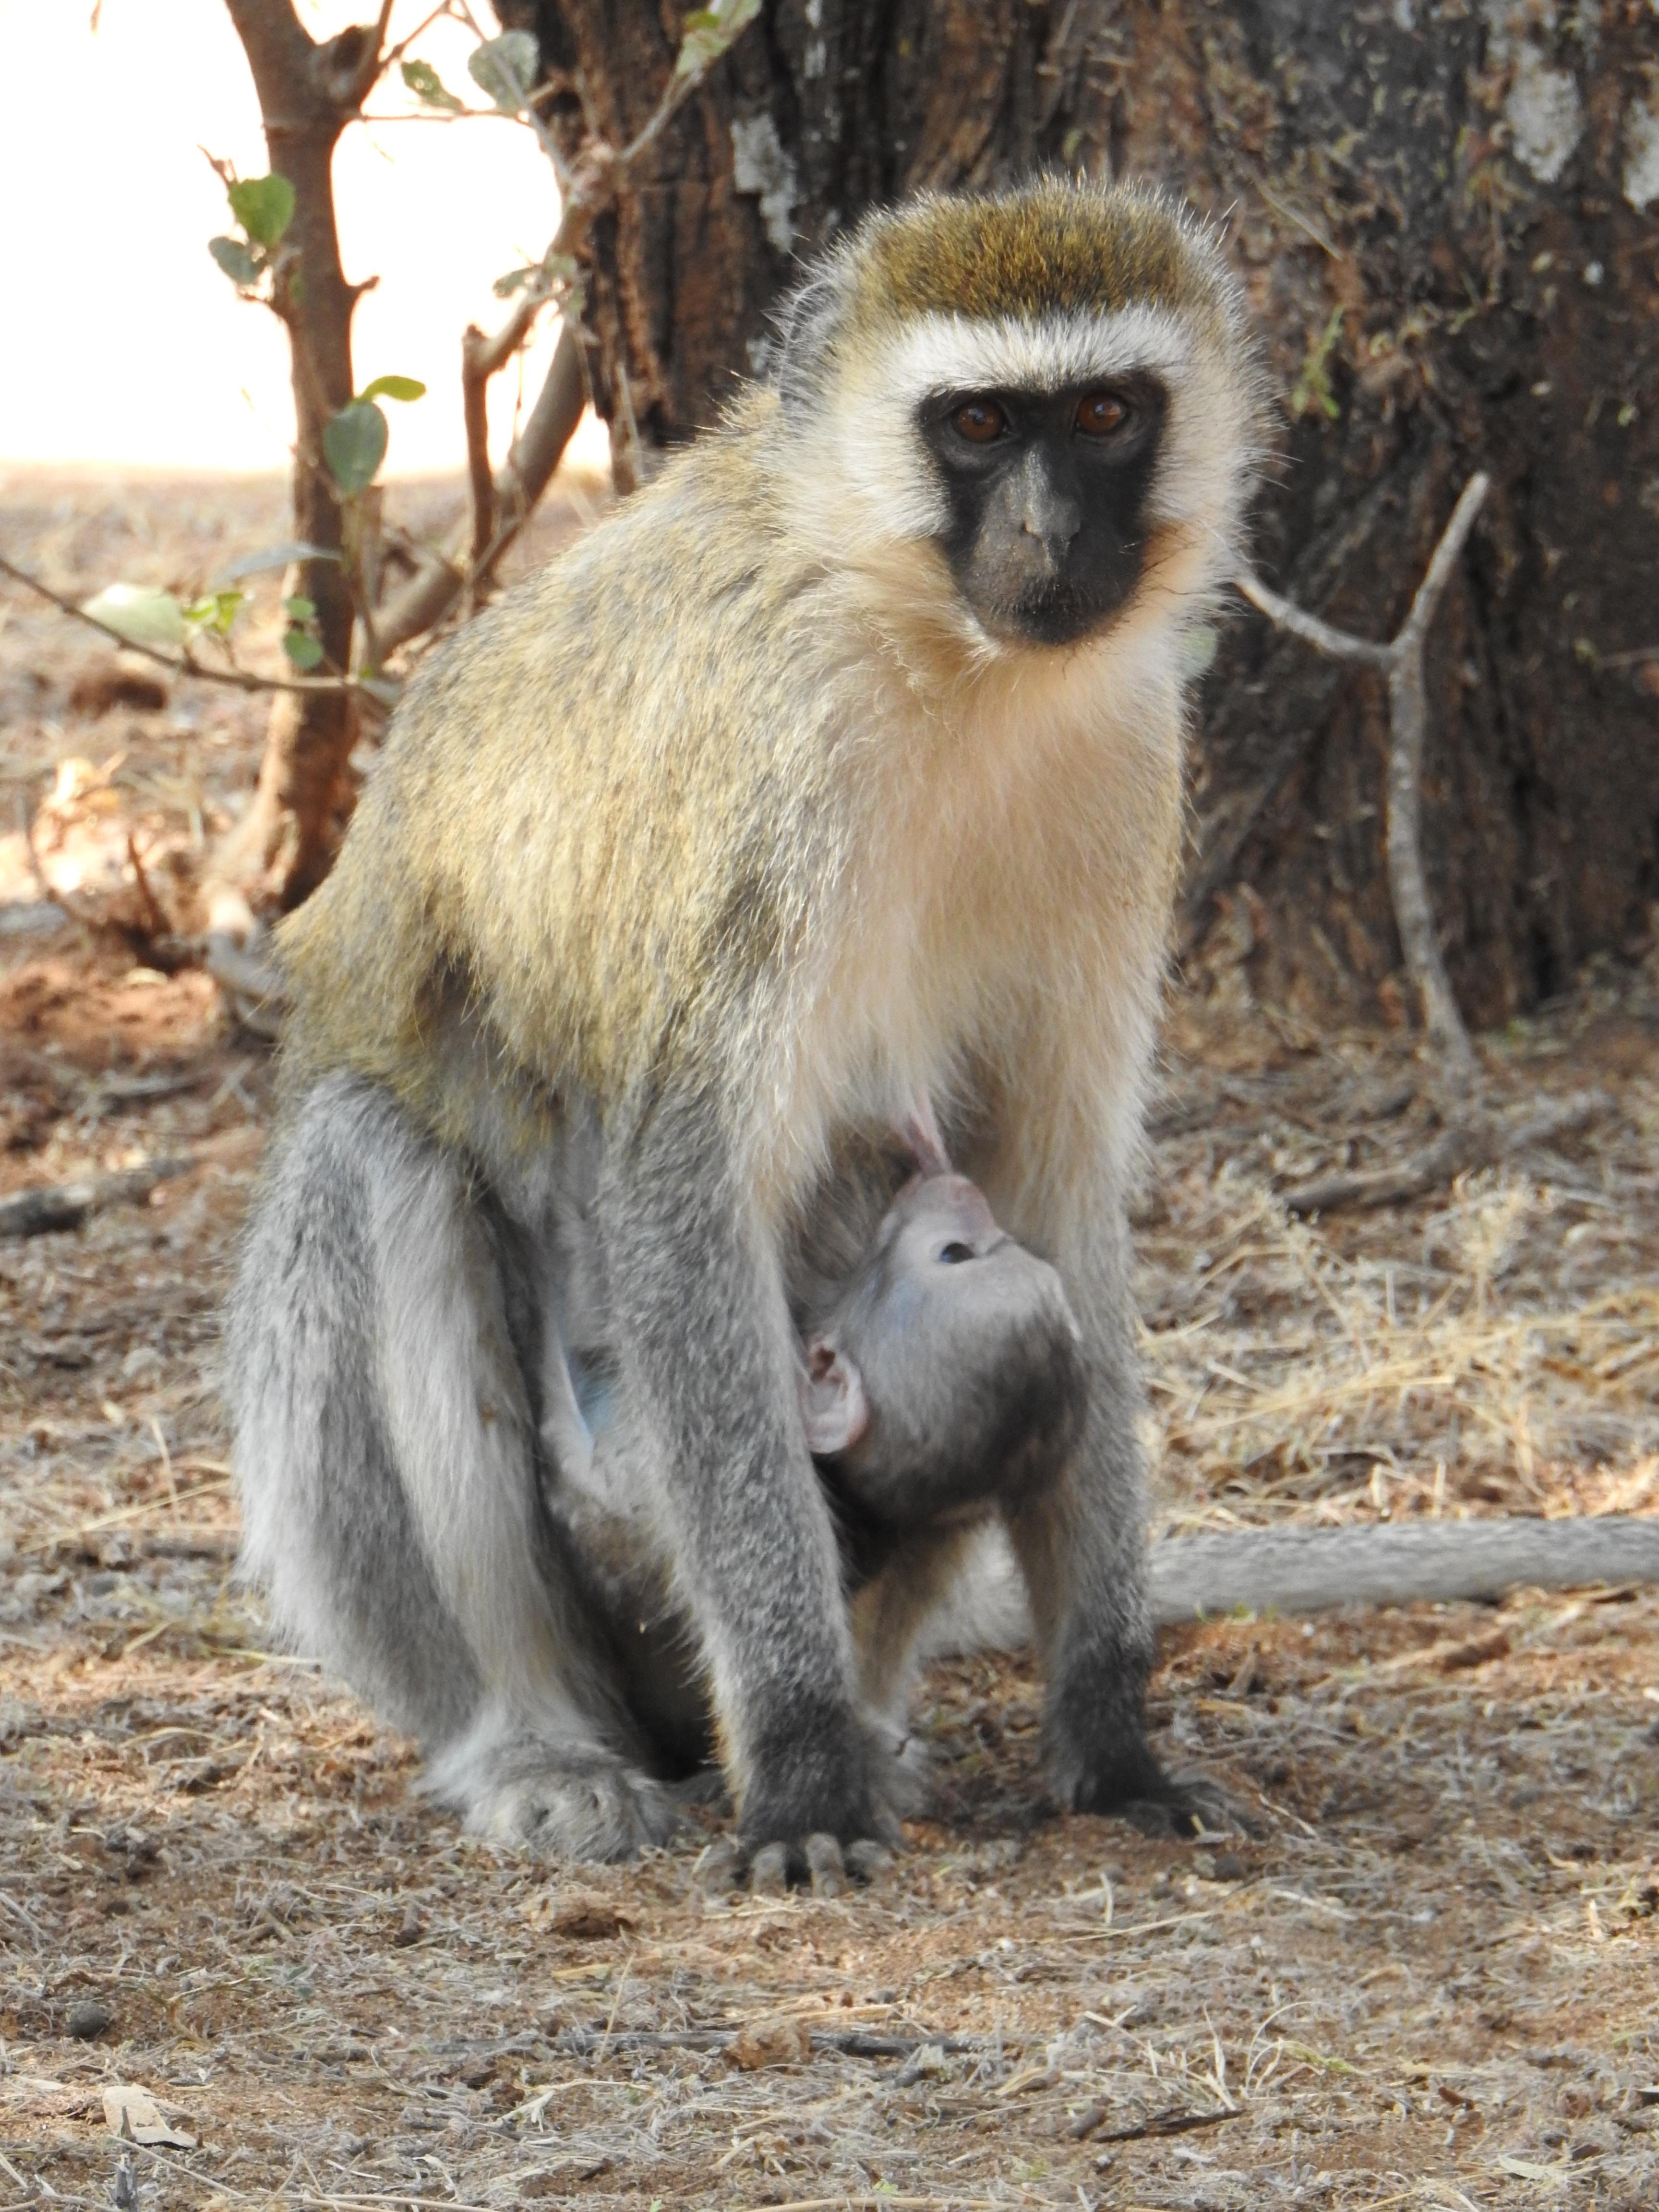 Monkey_nursing.jpg